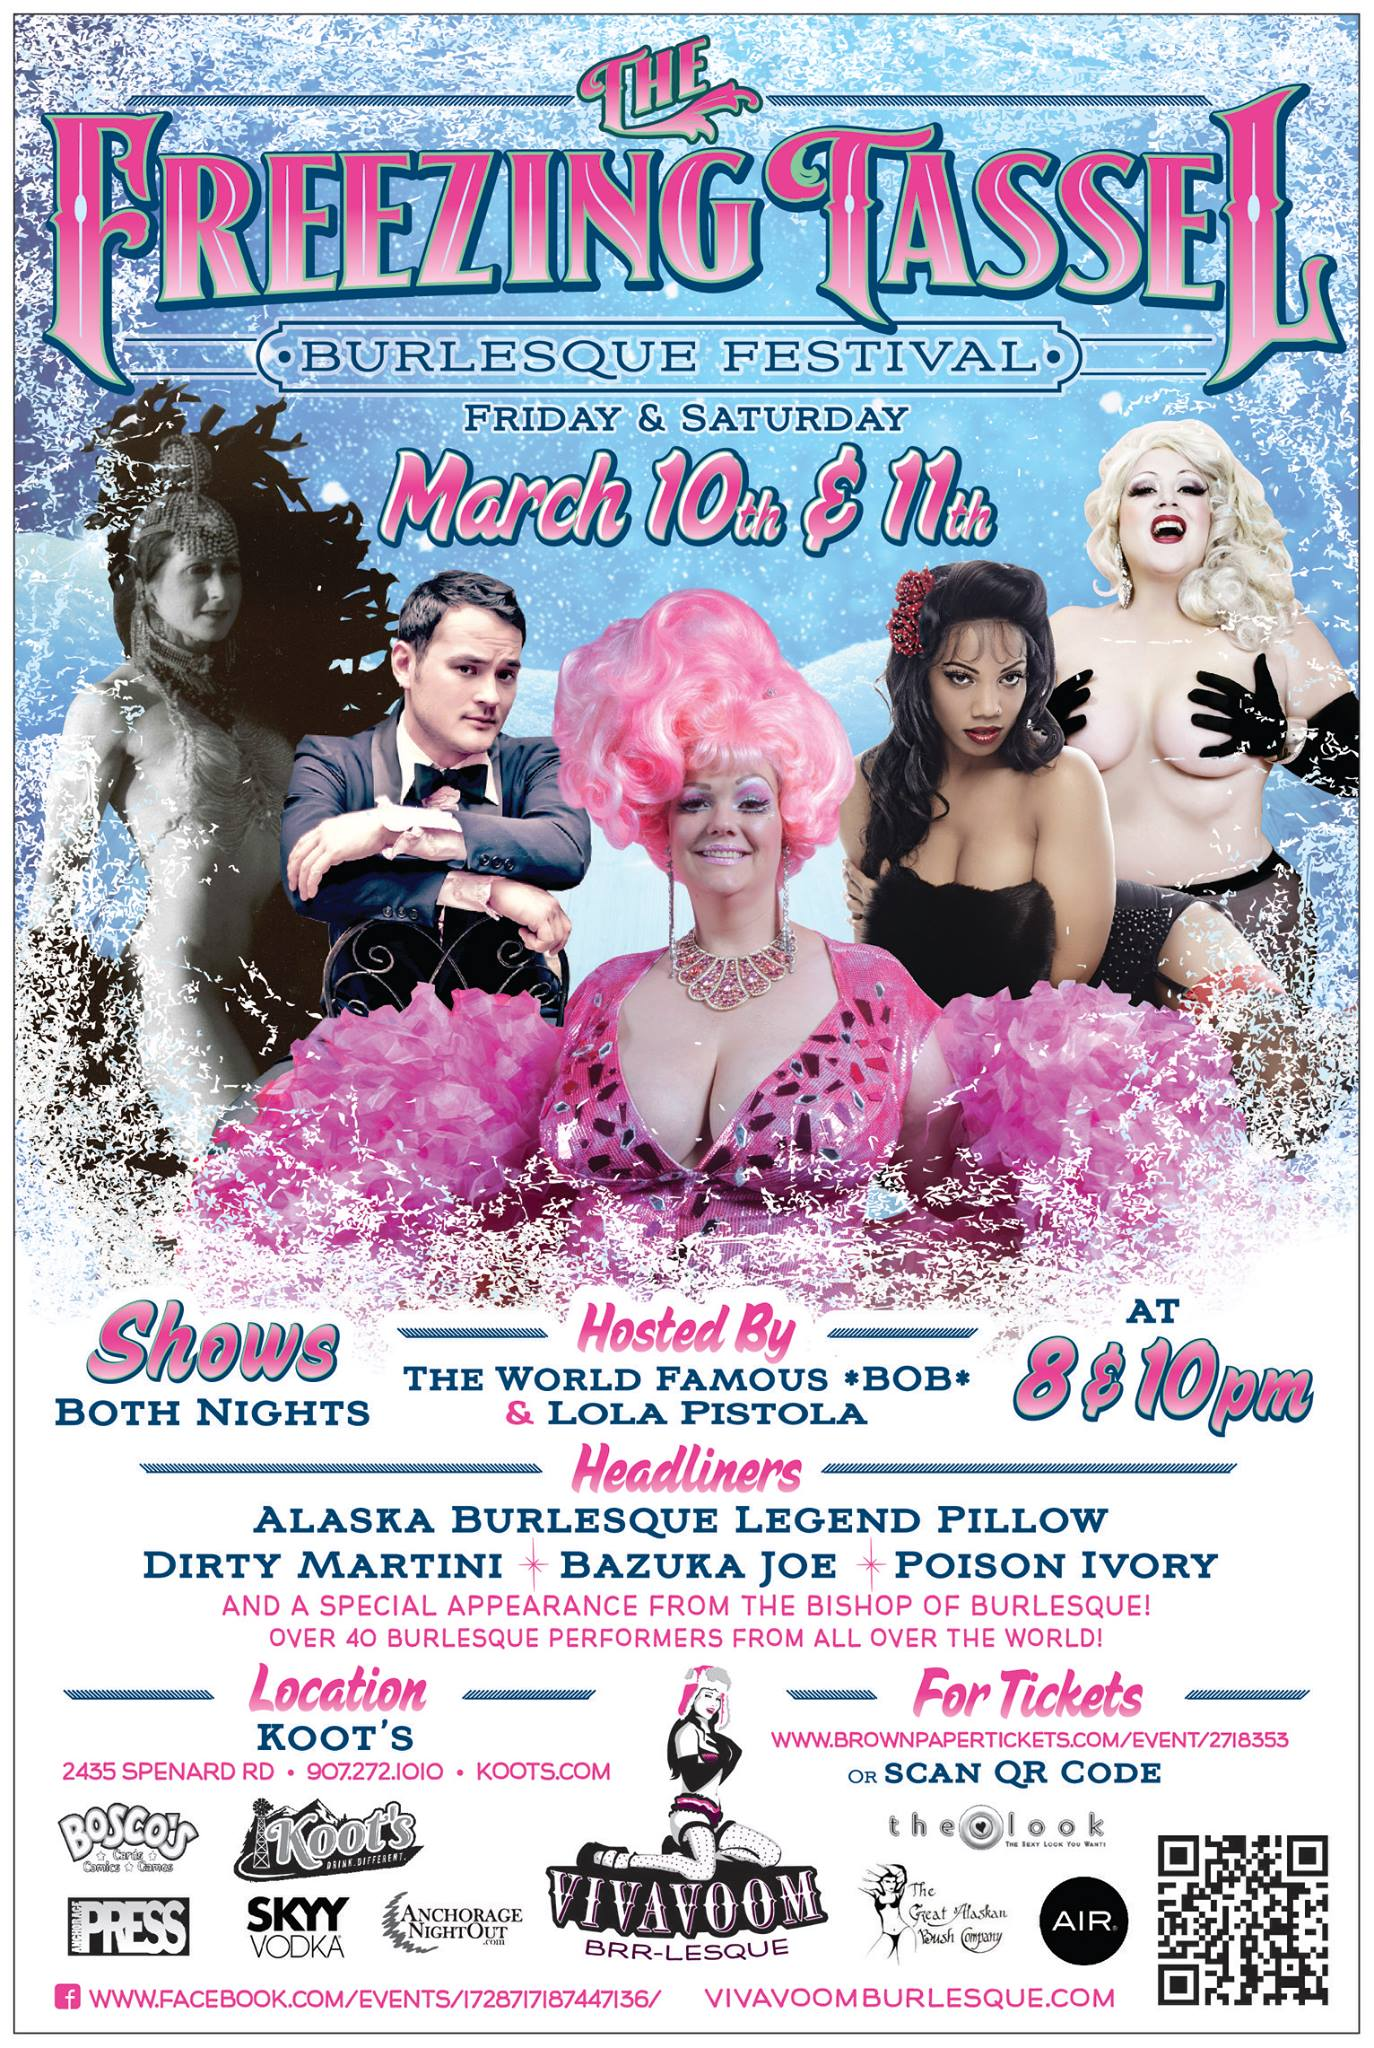 Freezing Tassel Burlesque Festival